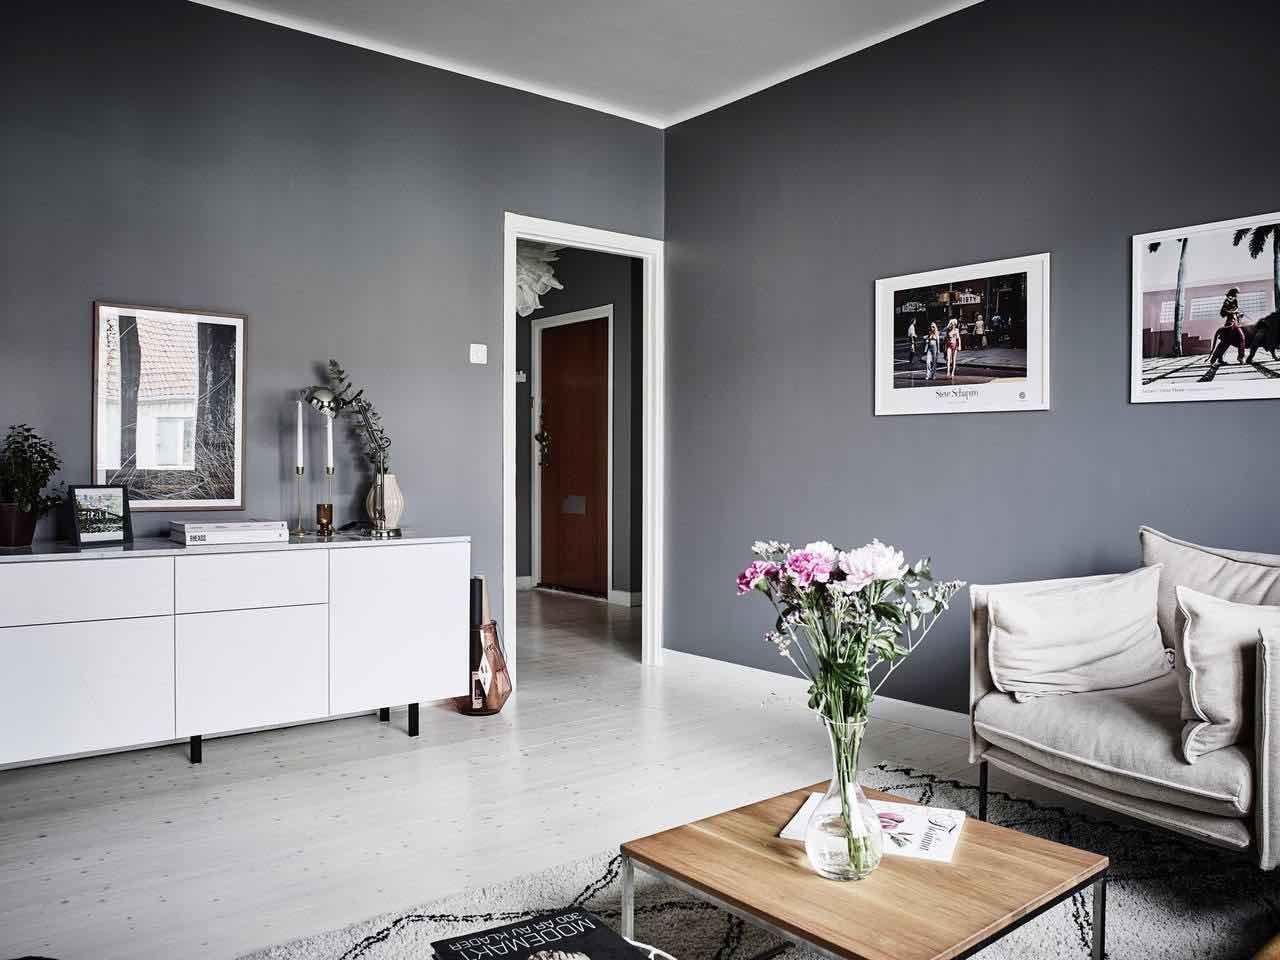 Gemtliche 3 Zimmer mit schnem Farbmix  Designs2love